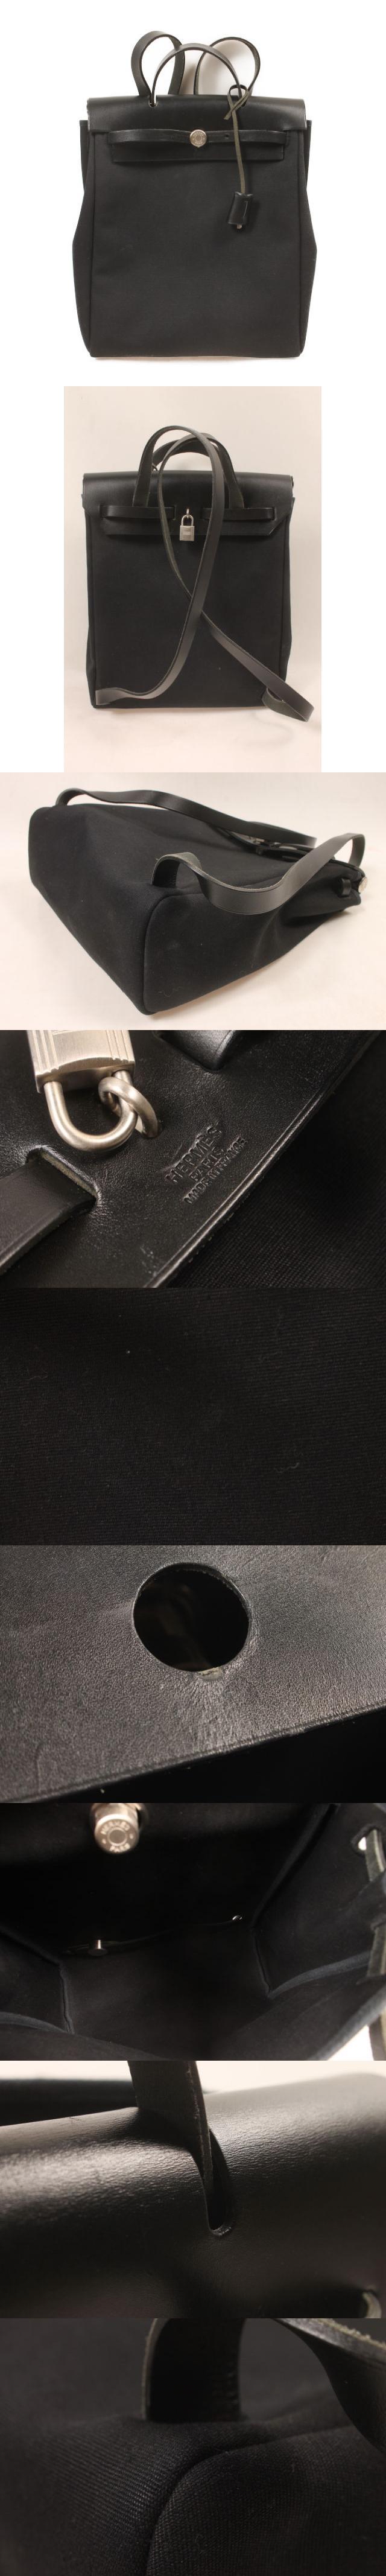 エールバッグ アドPM リュック バックパック トワル レザー □C刻印 黒 ブラック /yt0420